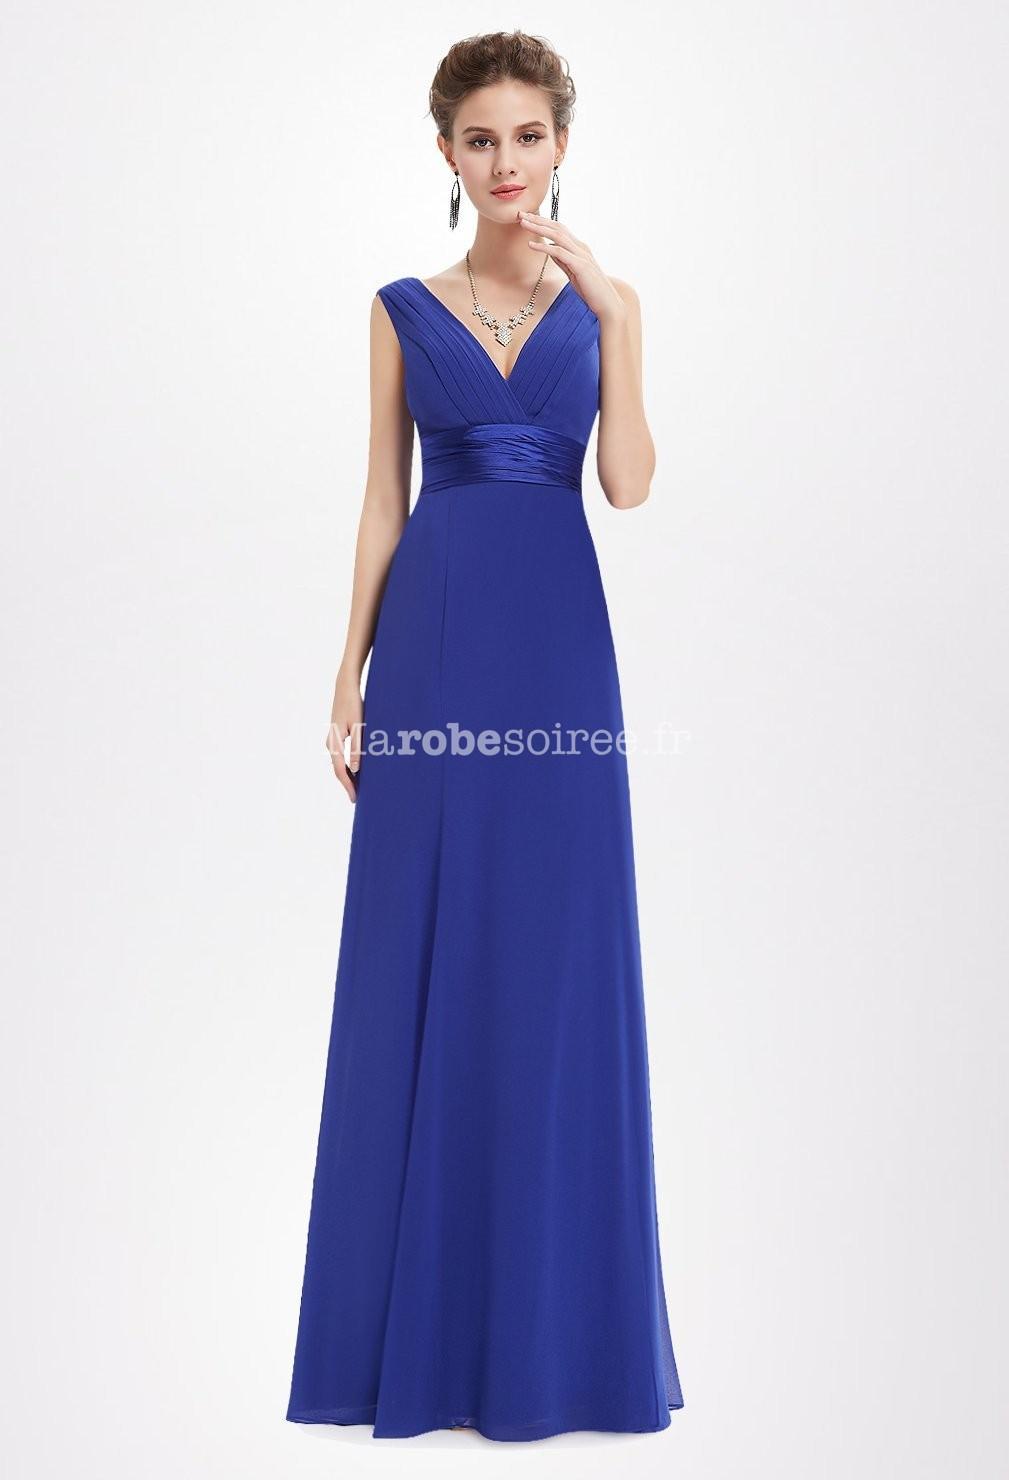 Robe de soirée longue bleu roi